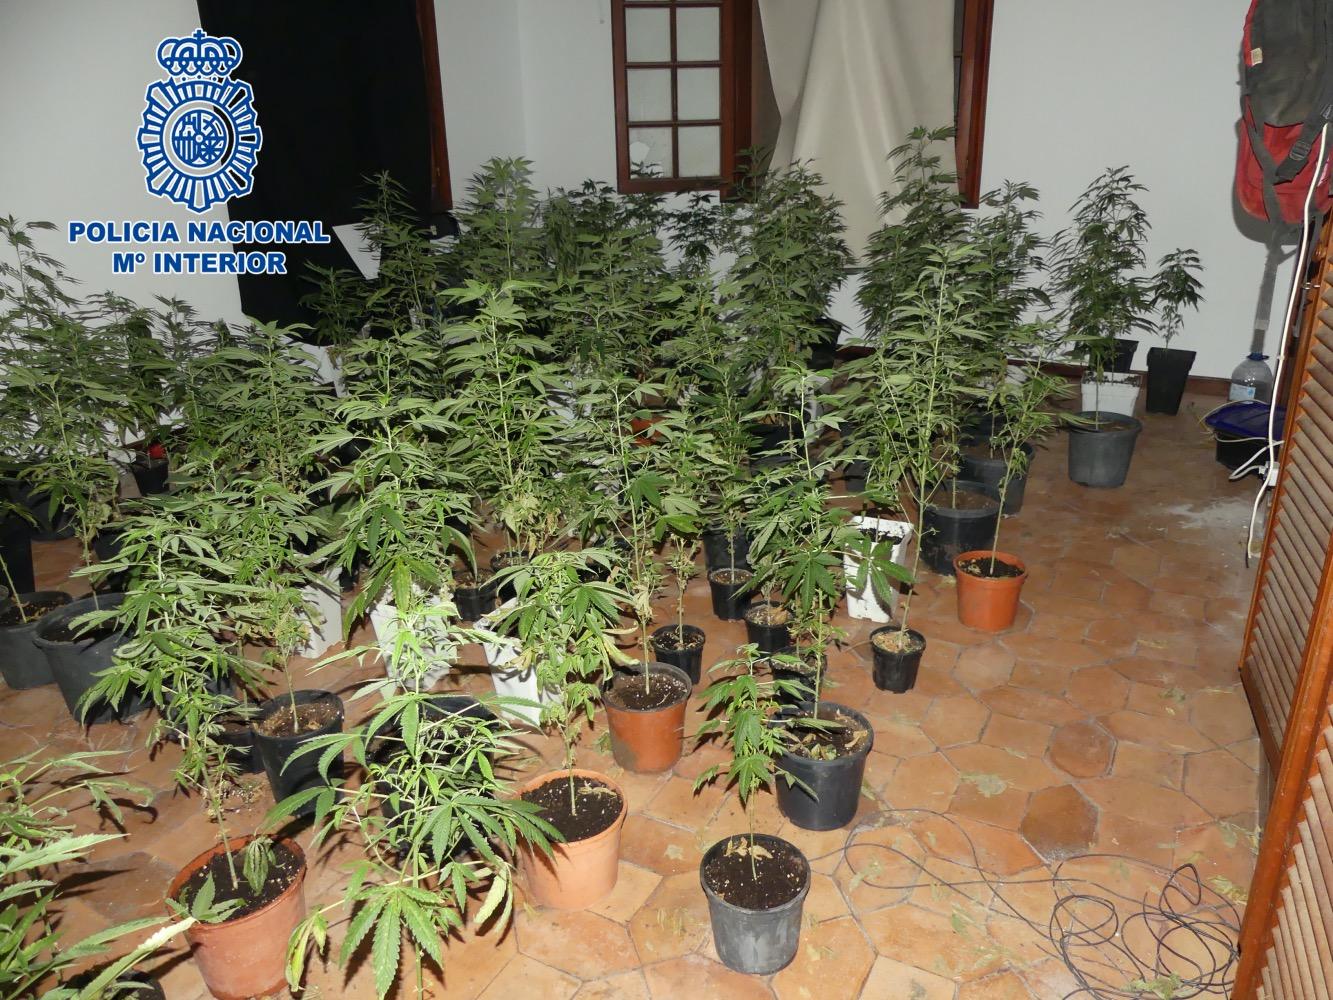 Nota de prensaLos agentes accedieron a un chalé usurpado, alertados de que un joven podía hallarse en peligro en su interior, y descubrieron una plantación indoor de 200 macetas de marihuana